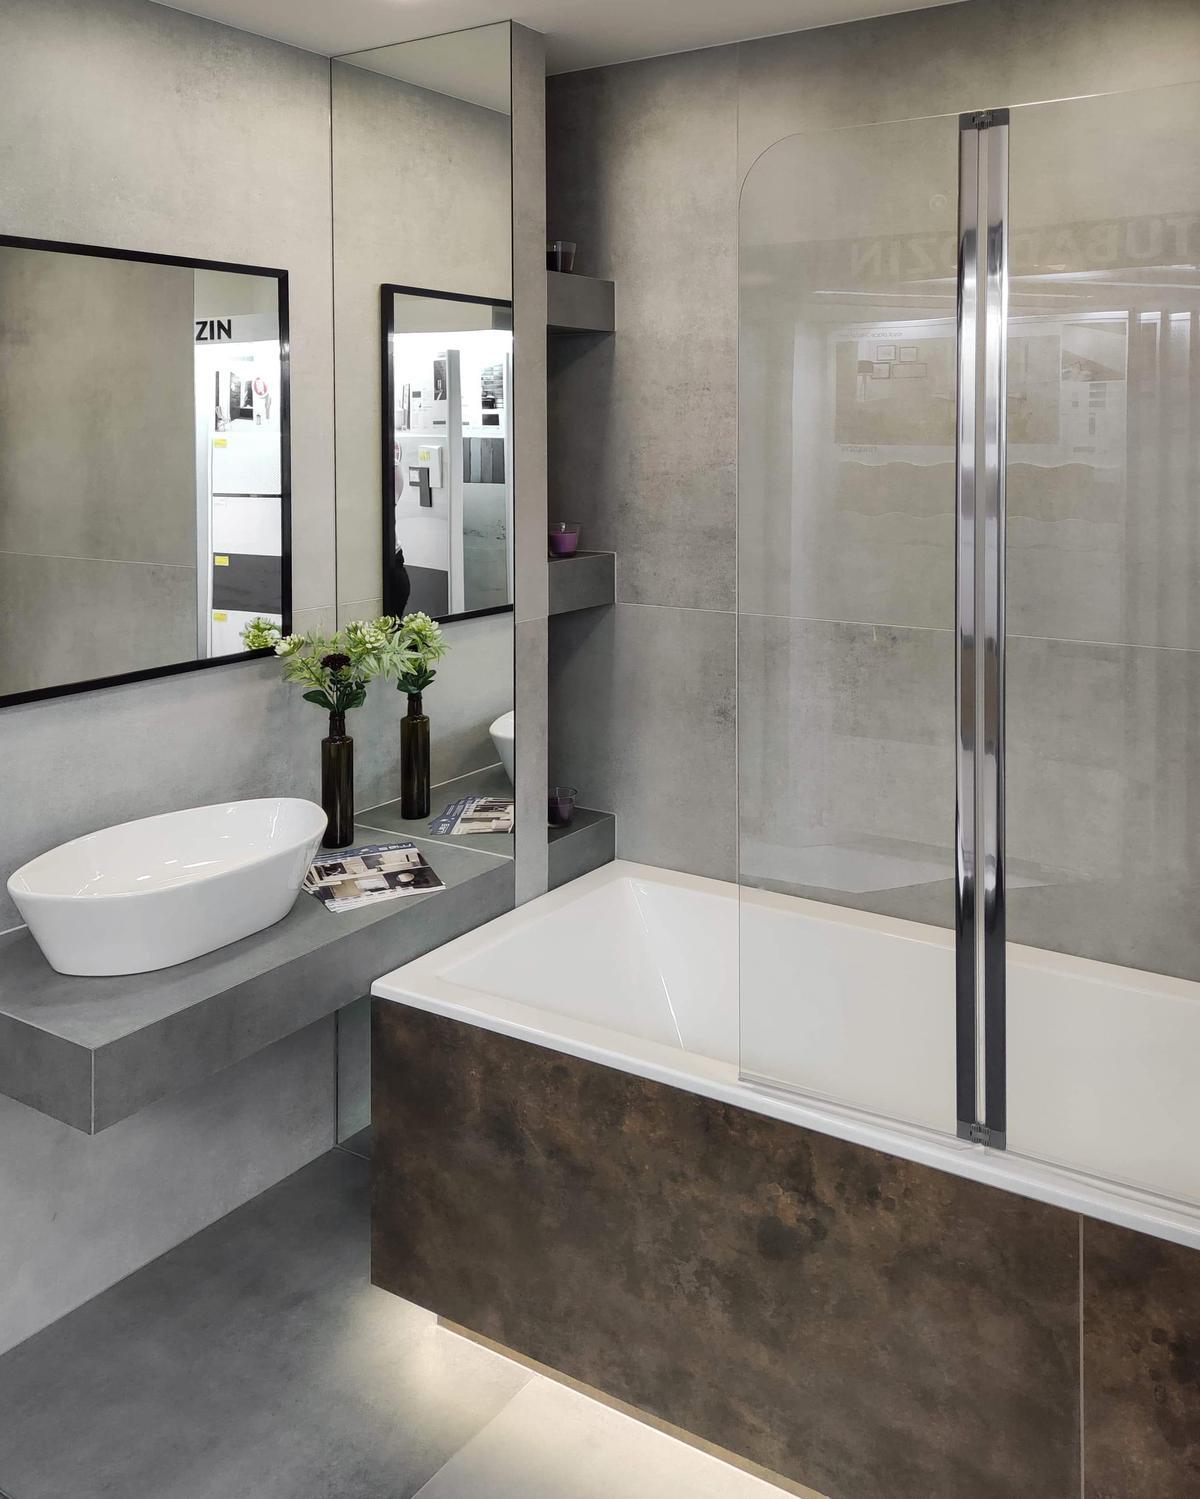 Prysznic i wanna w małej łazience BLU Września - zdjęcie od BLU salon łazienek Września